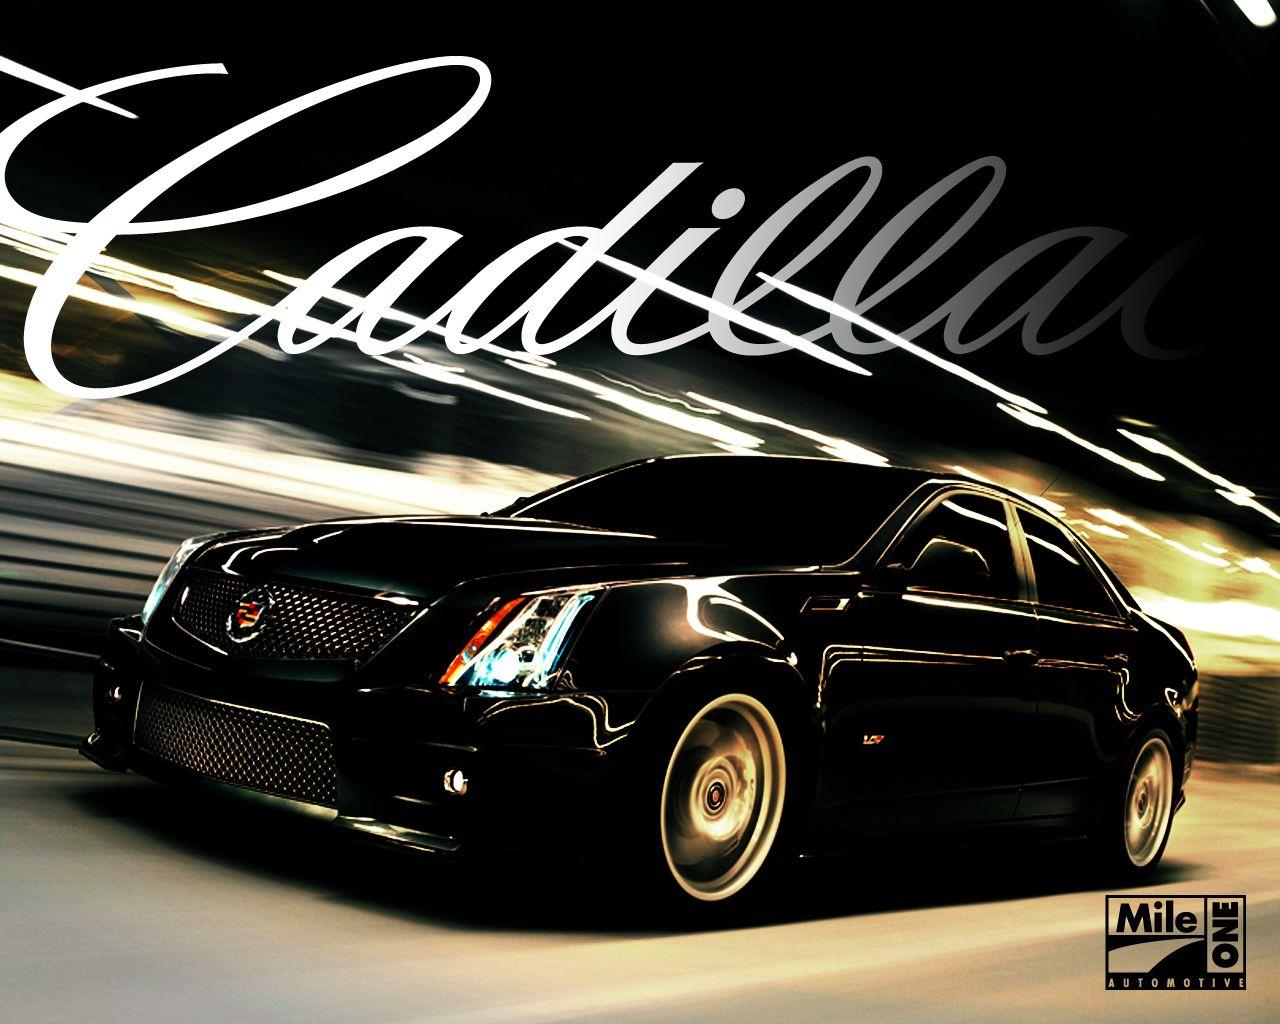 Page 604 Cadillac Wallpaper Desktop